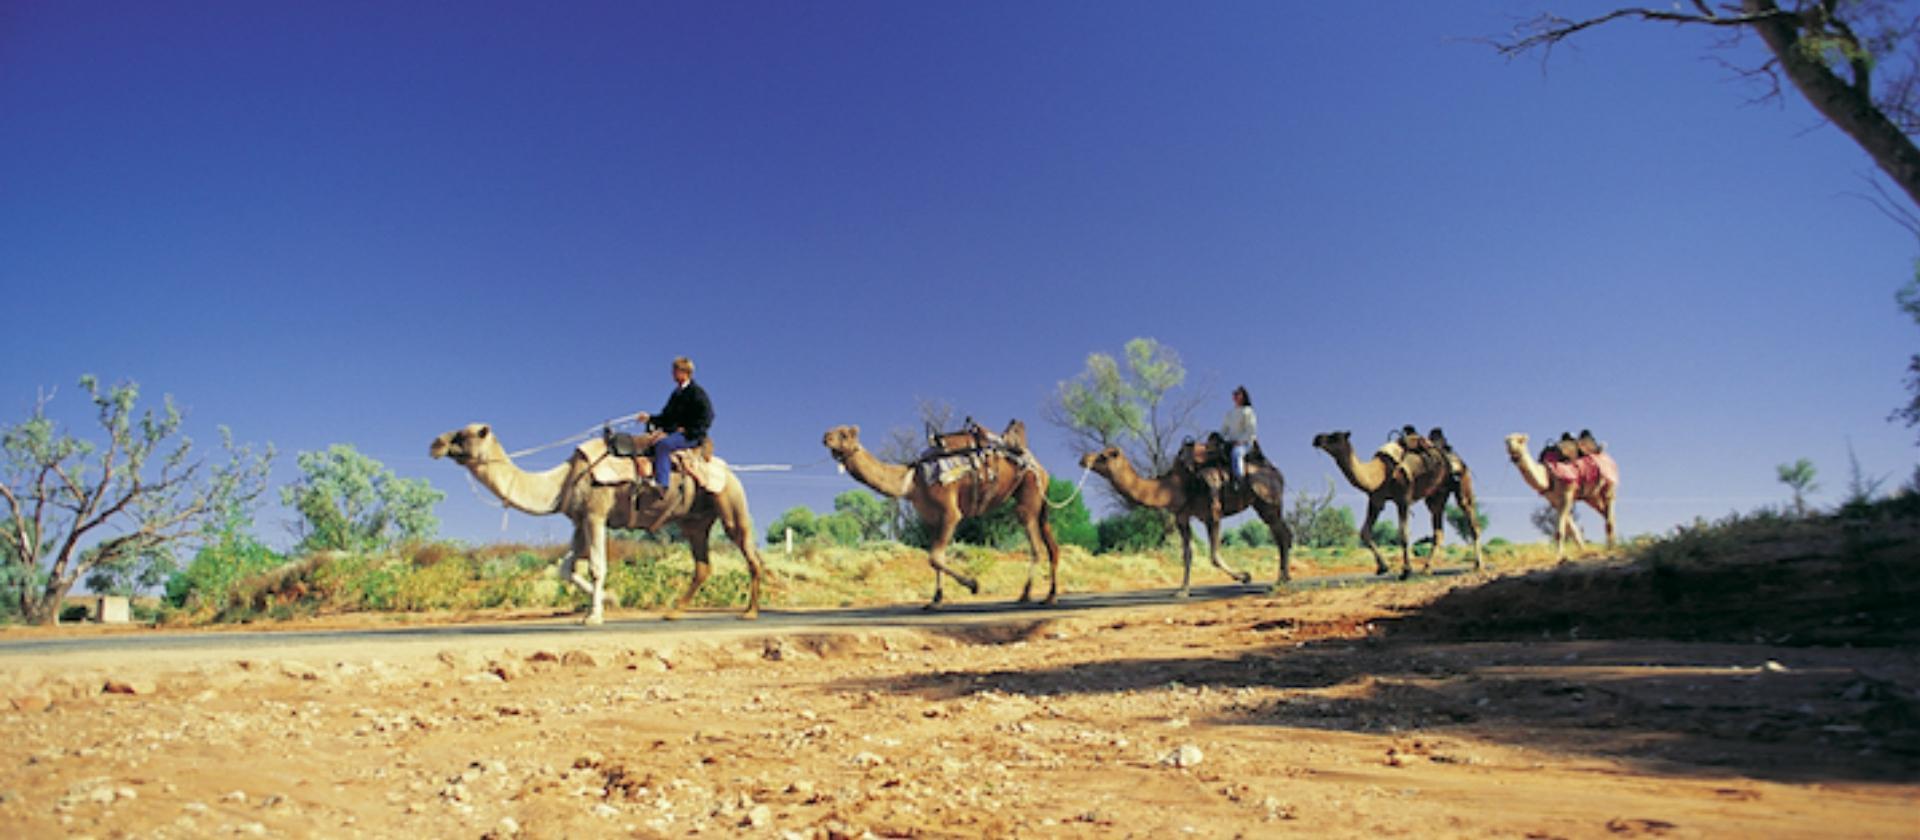 Camel Trek, Silverton near Broken Hill